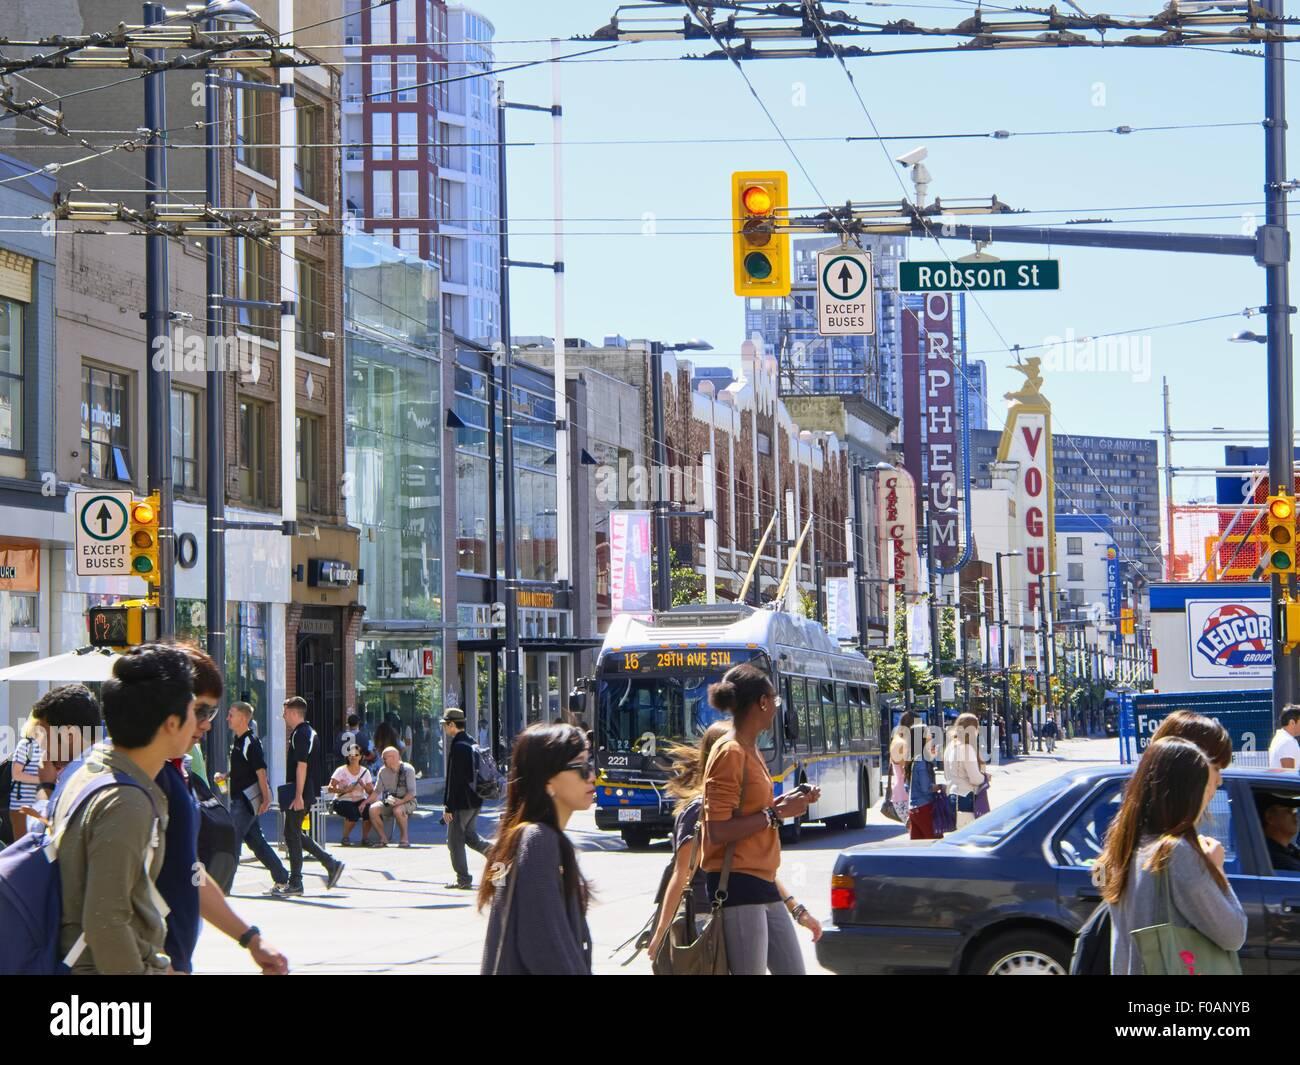 Avis de carrefour Robson, très achalandée à Vancouver, Colombie-Britannique, Canada Photo Stock